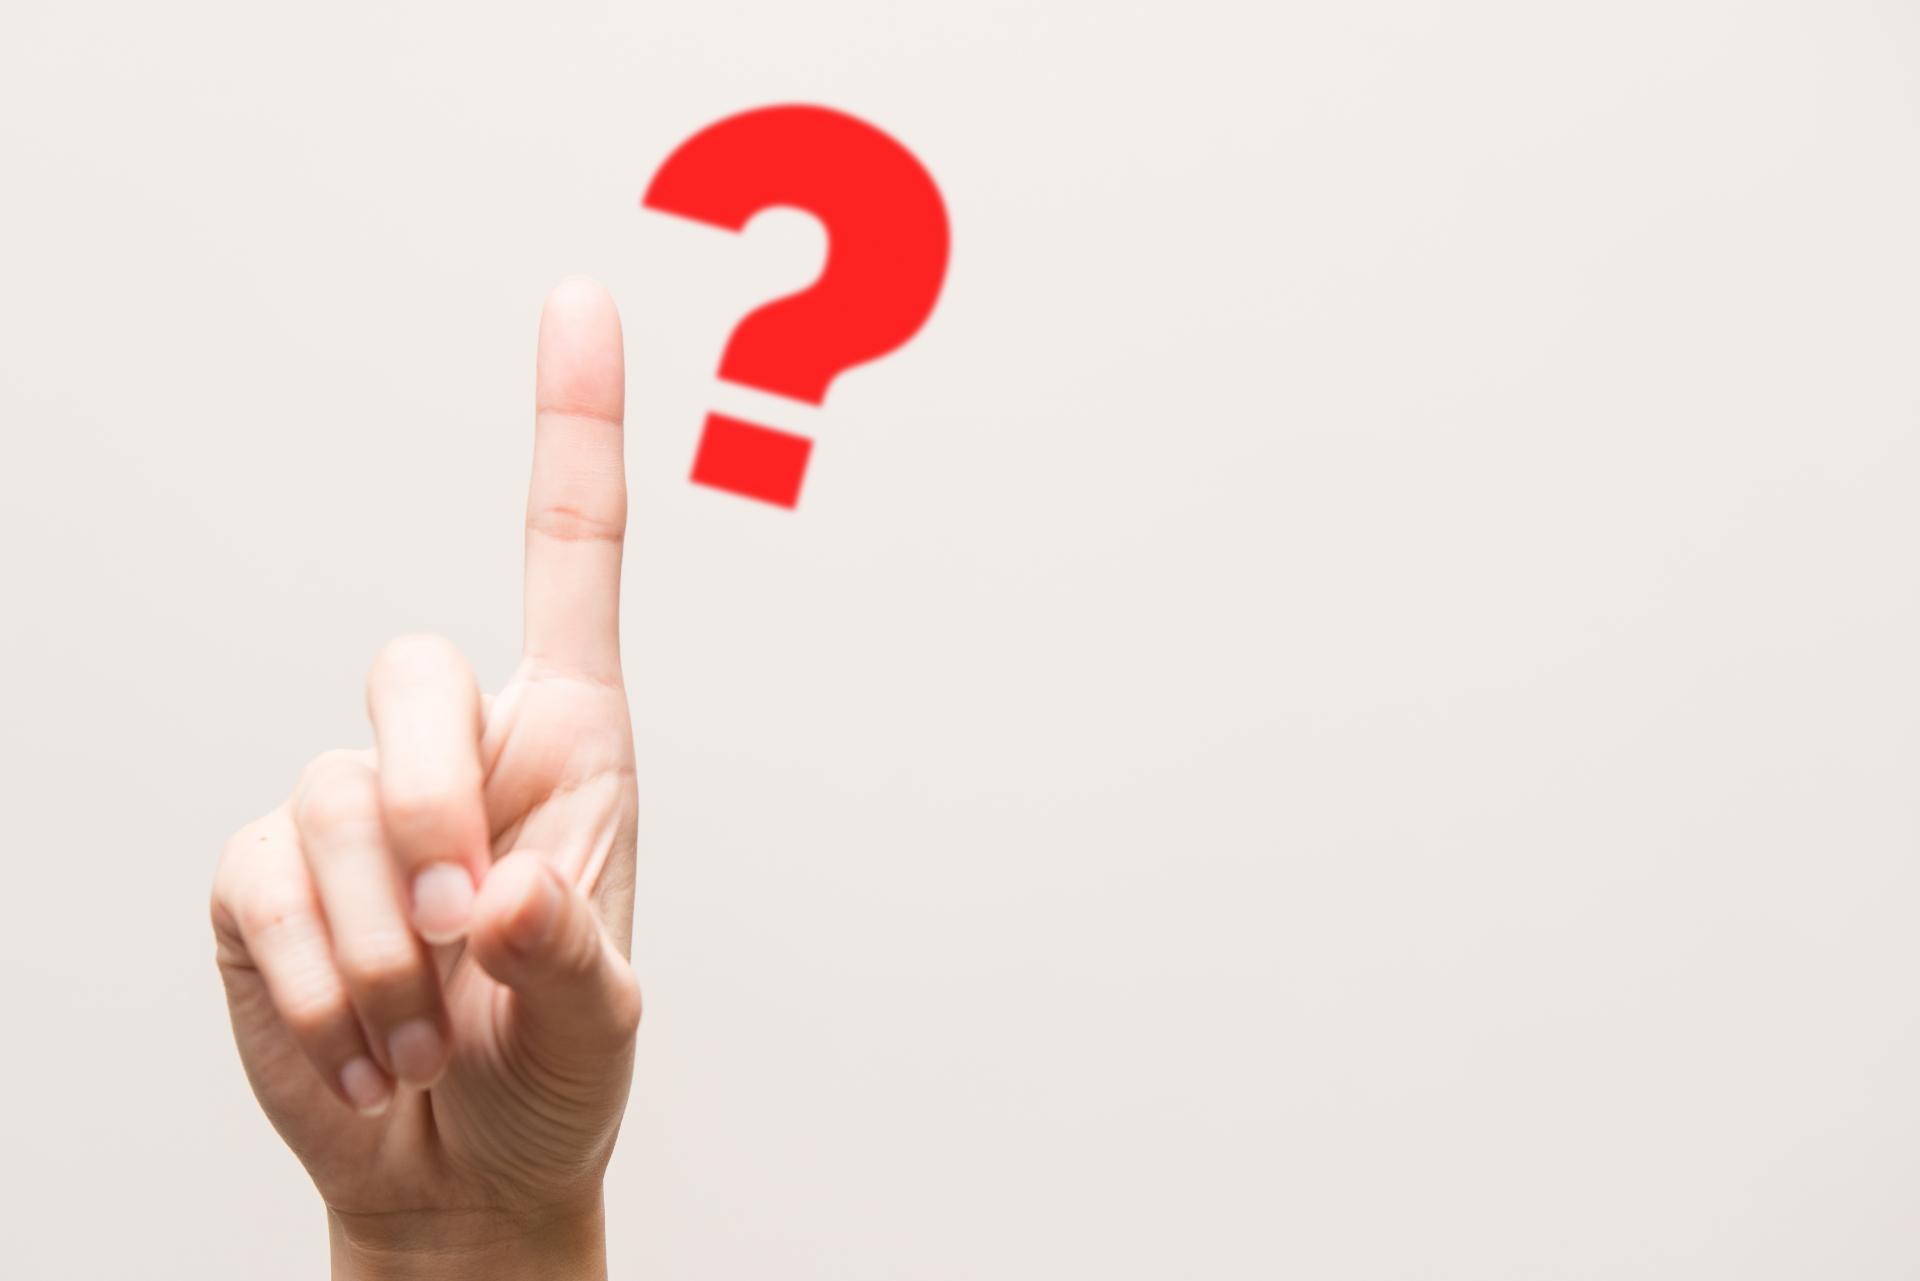 楽天CPC広告の変更点とECコンサルがよく聞かれる質問